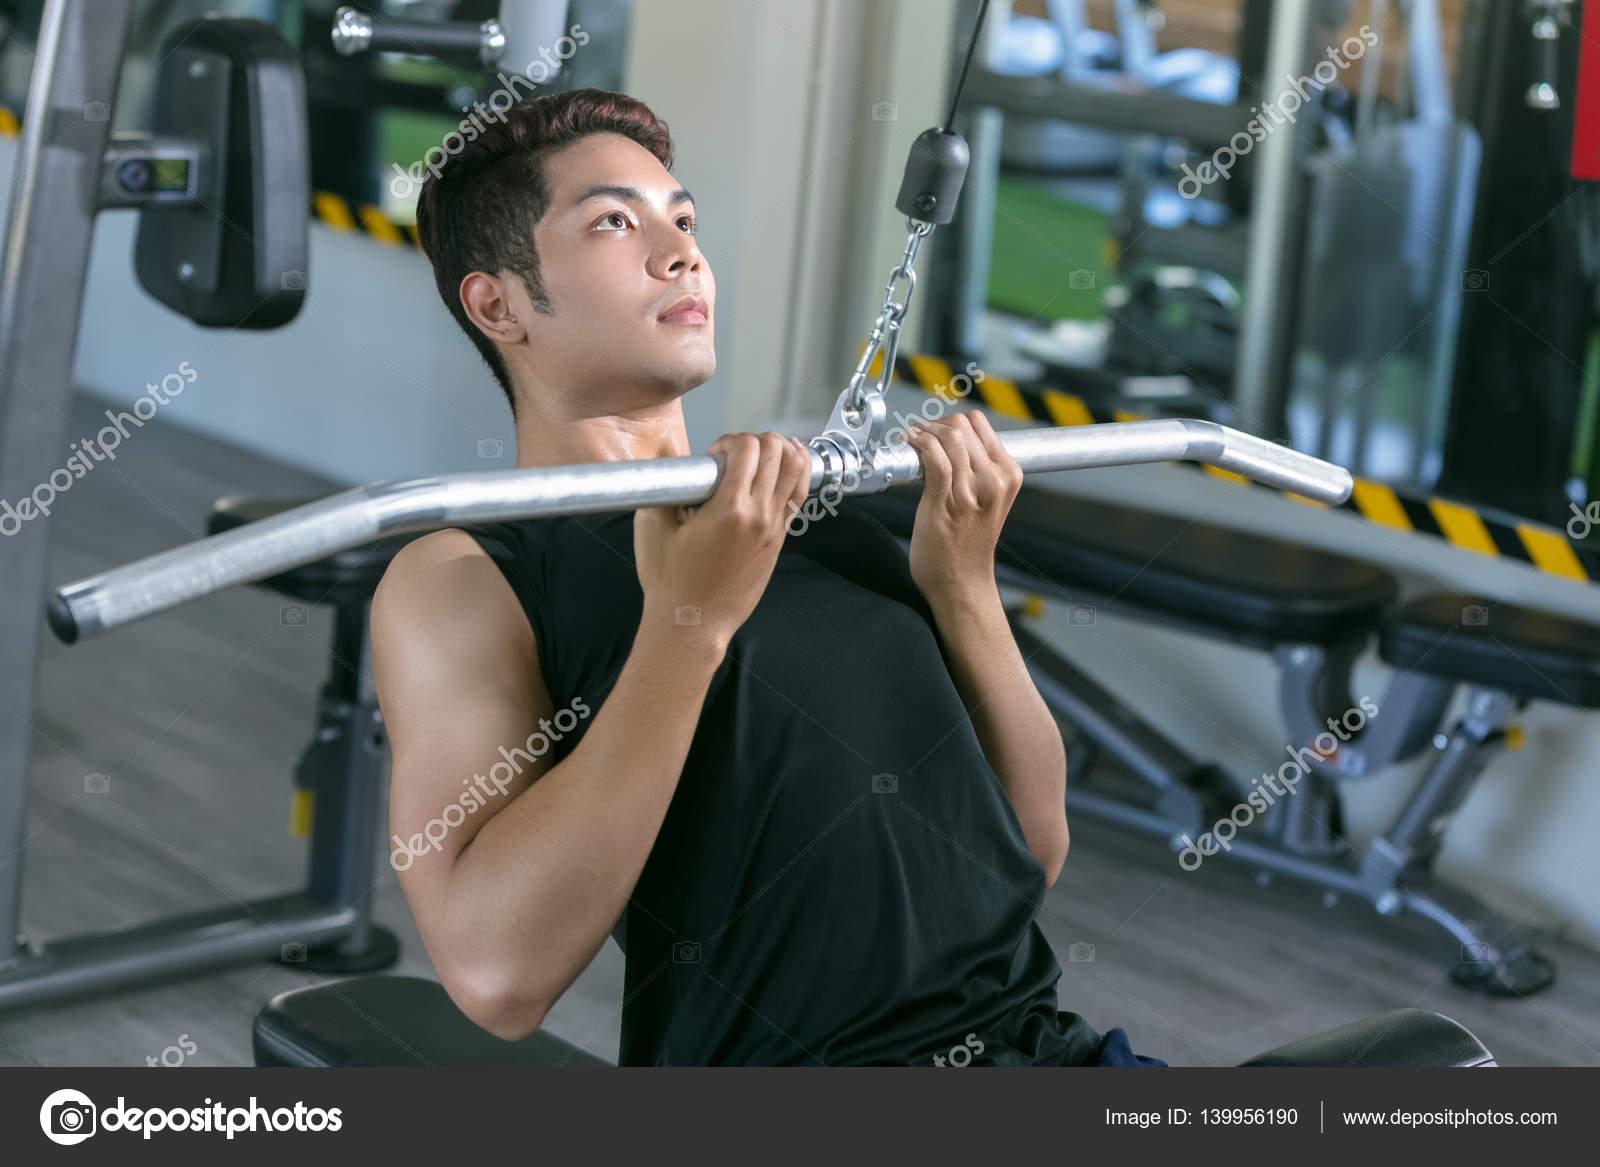 Sport Asiatique homme sport asiatique en altitude. carrossier de formation en salle